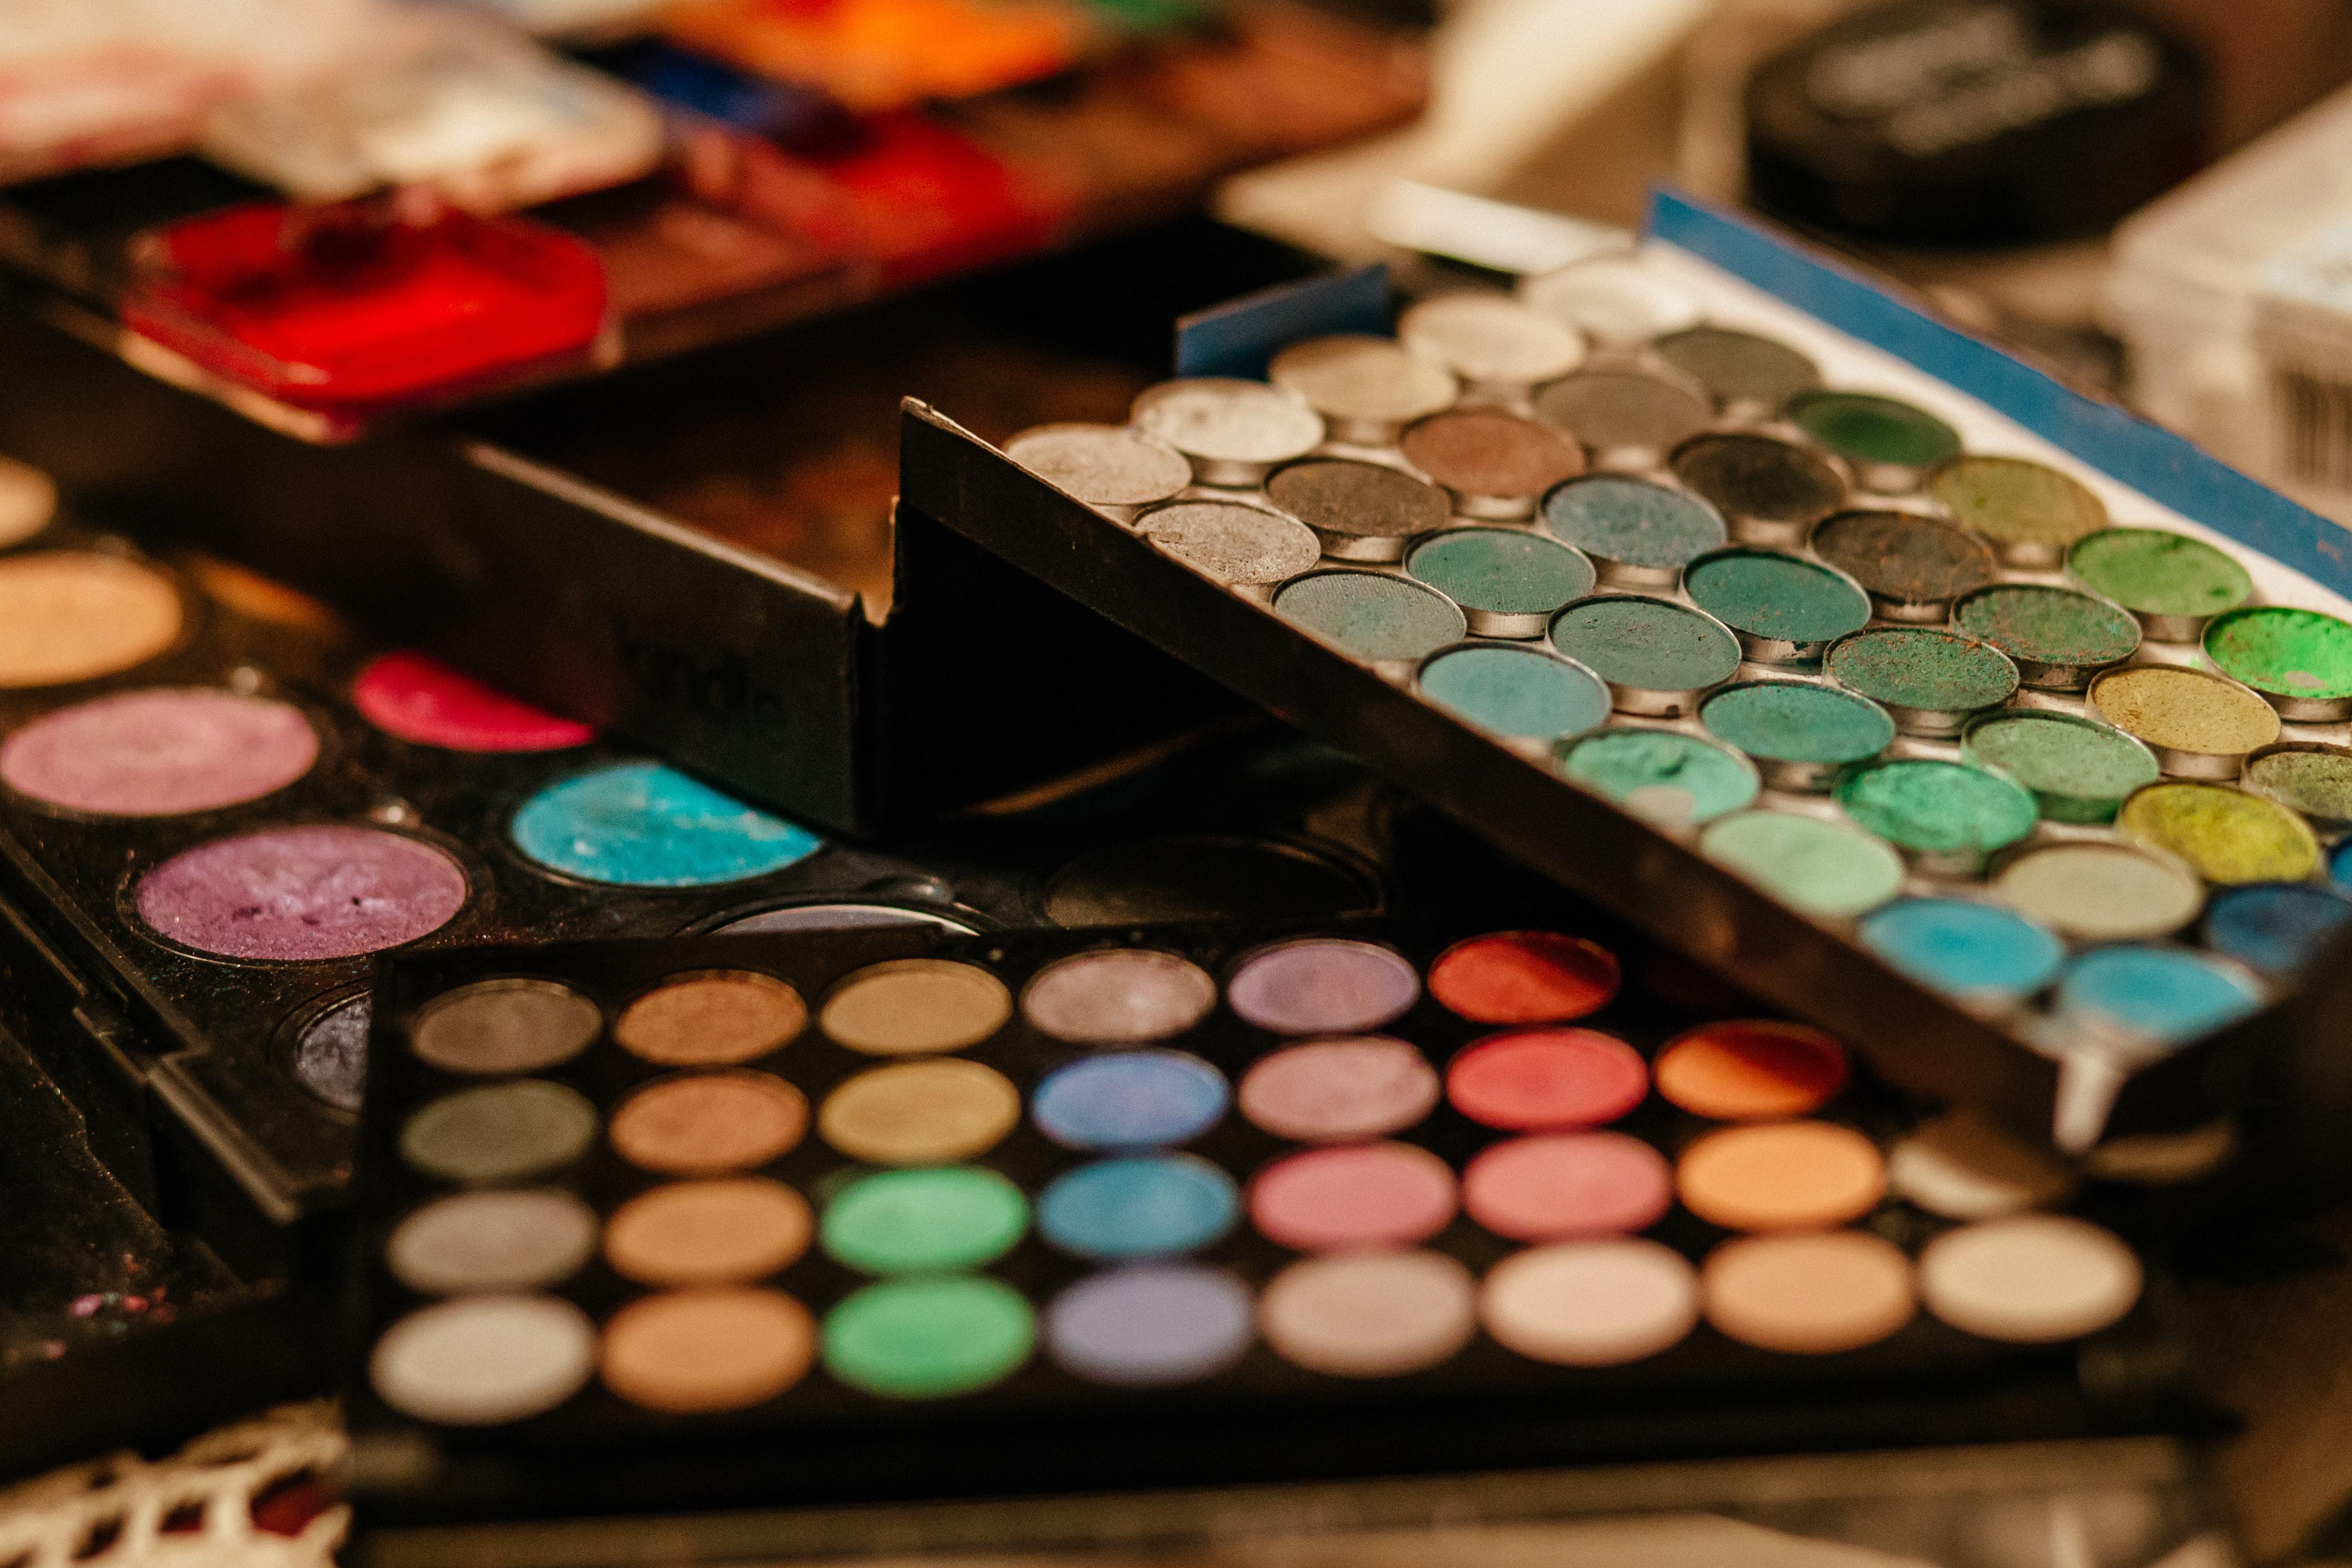 TOP 5 libros sobre maquillaje, belleza y estilo